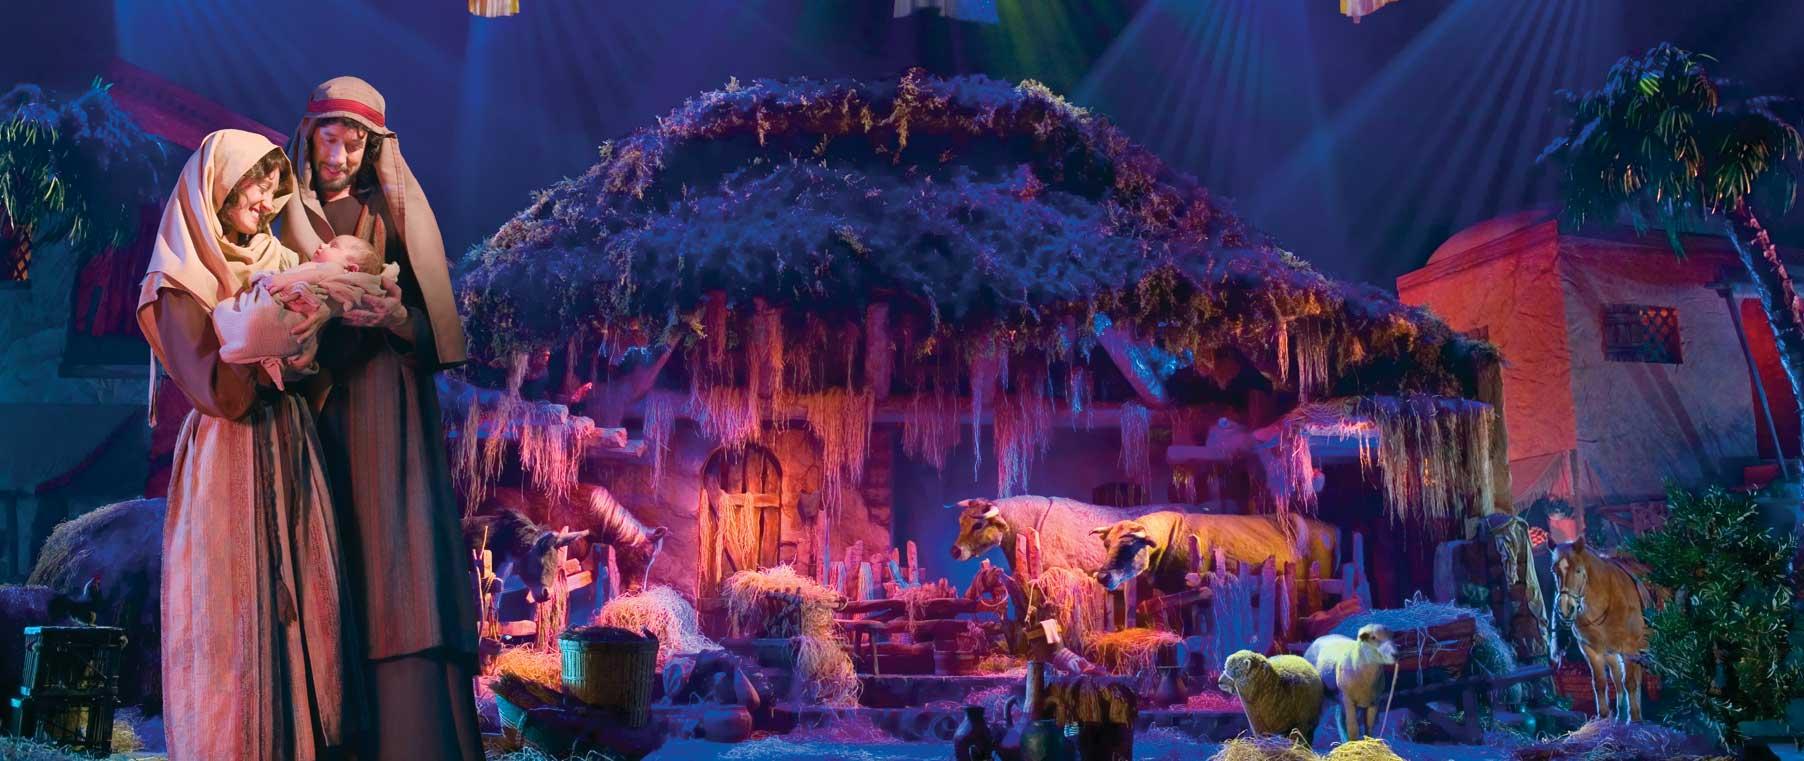 O suave milagre - Conto de Natal (Eça de Queiroz)